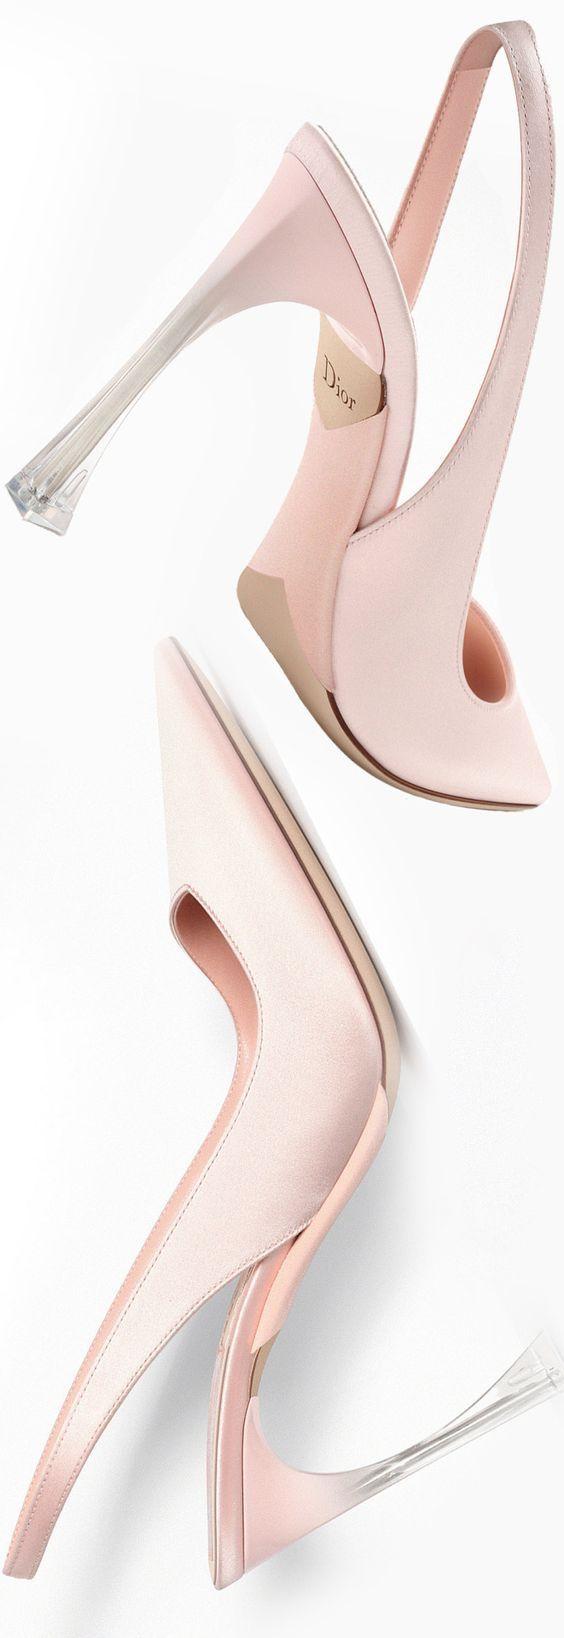 ƱɳỈϑҽƦʂσ ƒҽɱỈɳỈɳσ... Dior , we love heels !!!